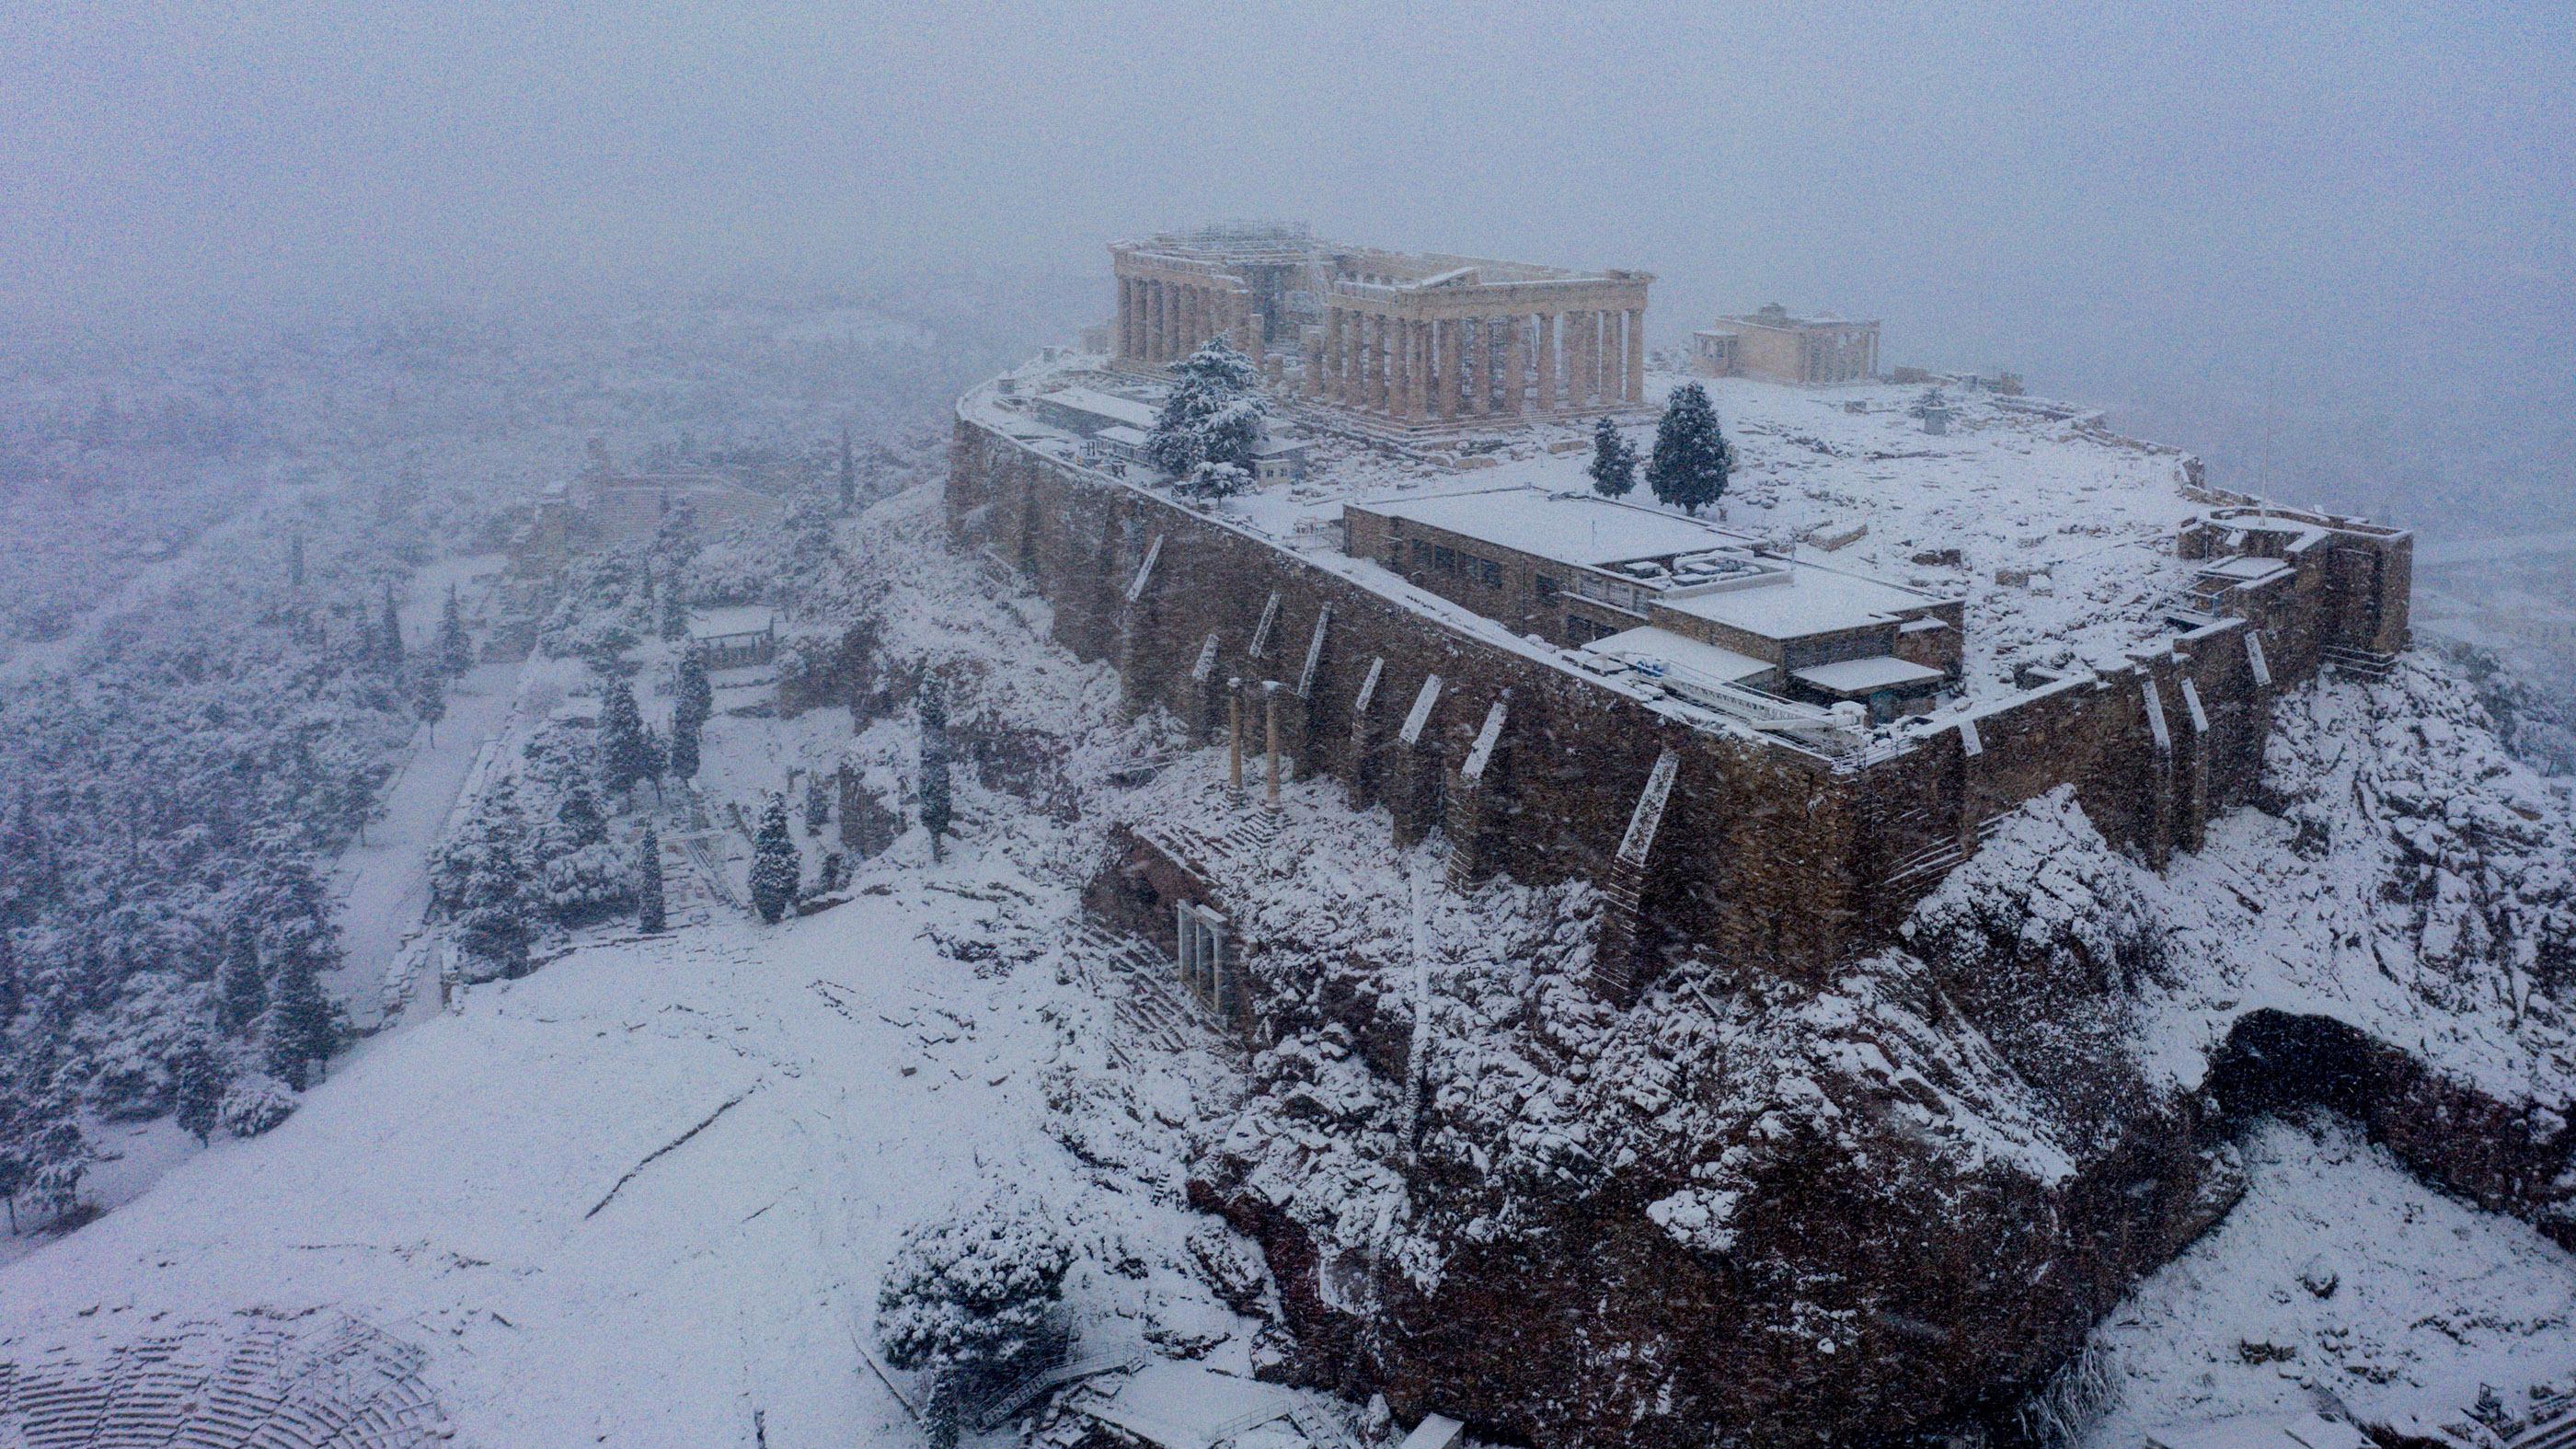 Lần hiếm hoi tuyết rơi trắng xóa trên đỉnh Đền Parthenon Hy Lạp